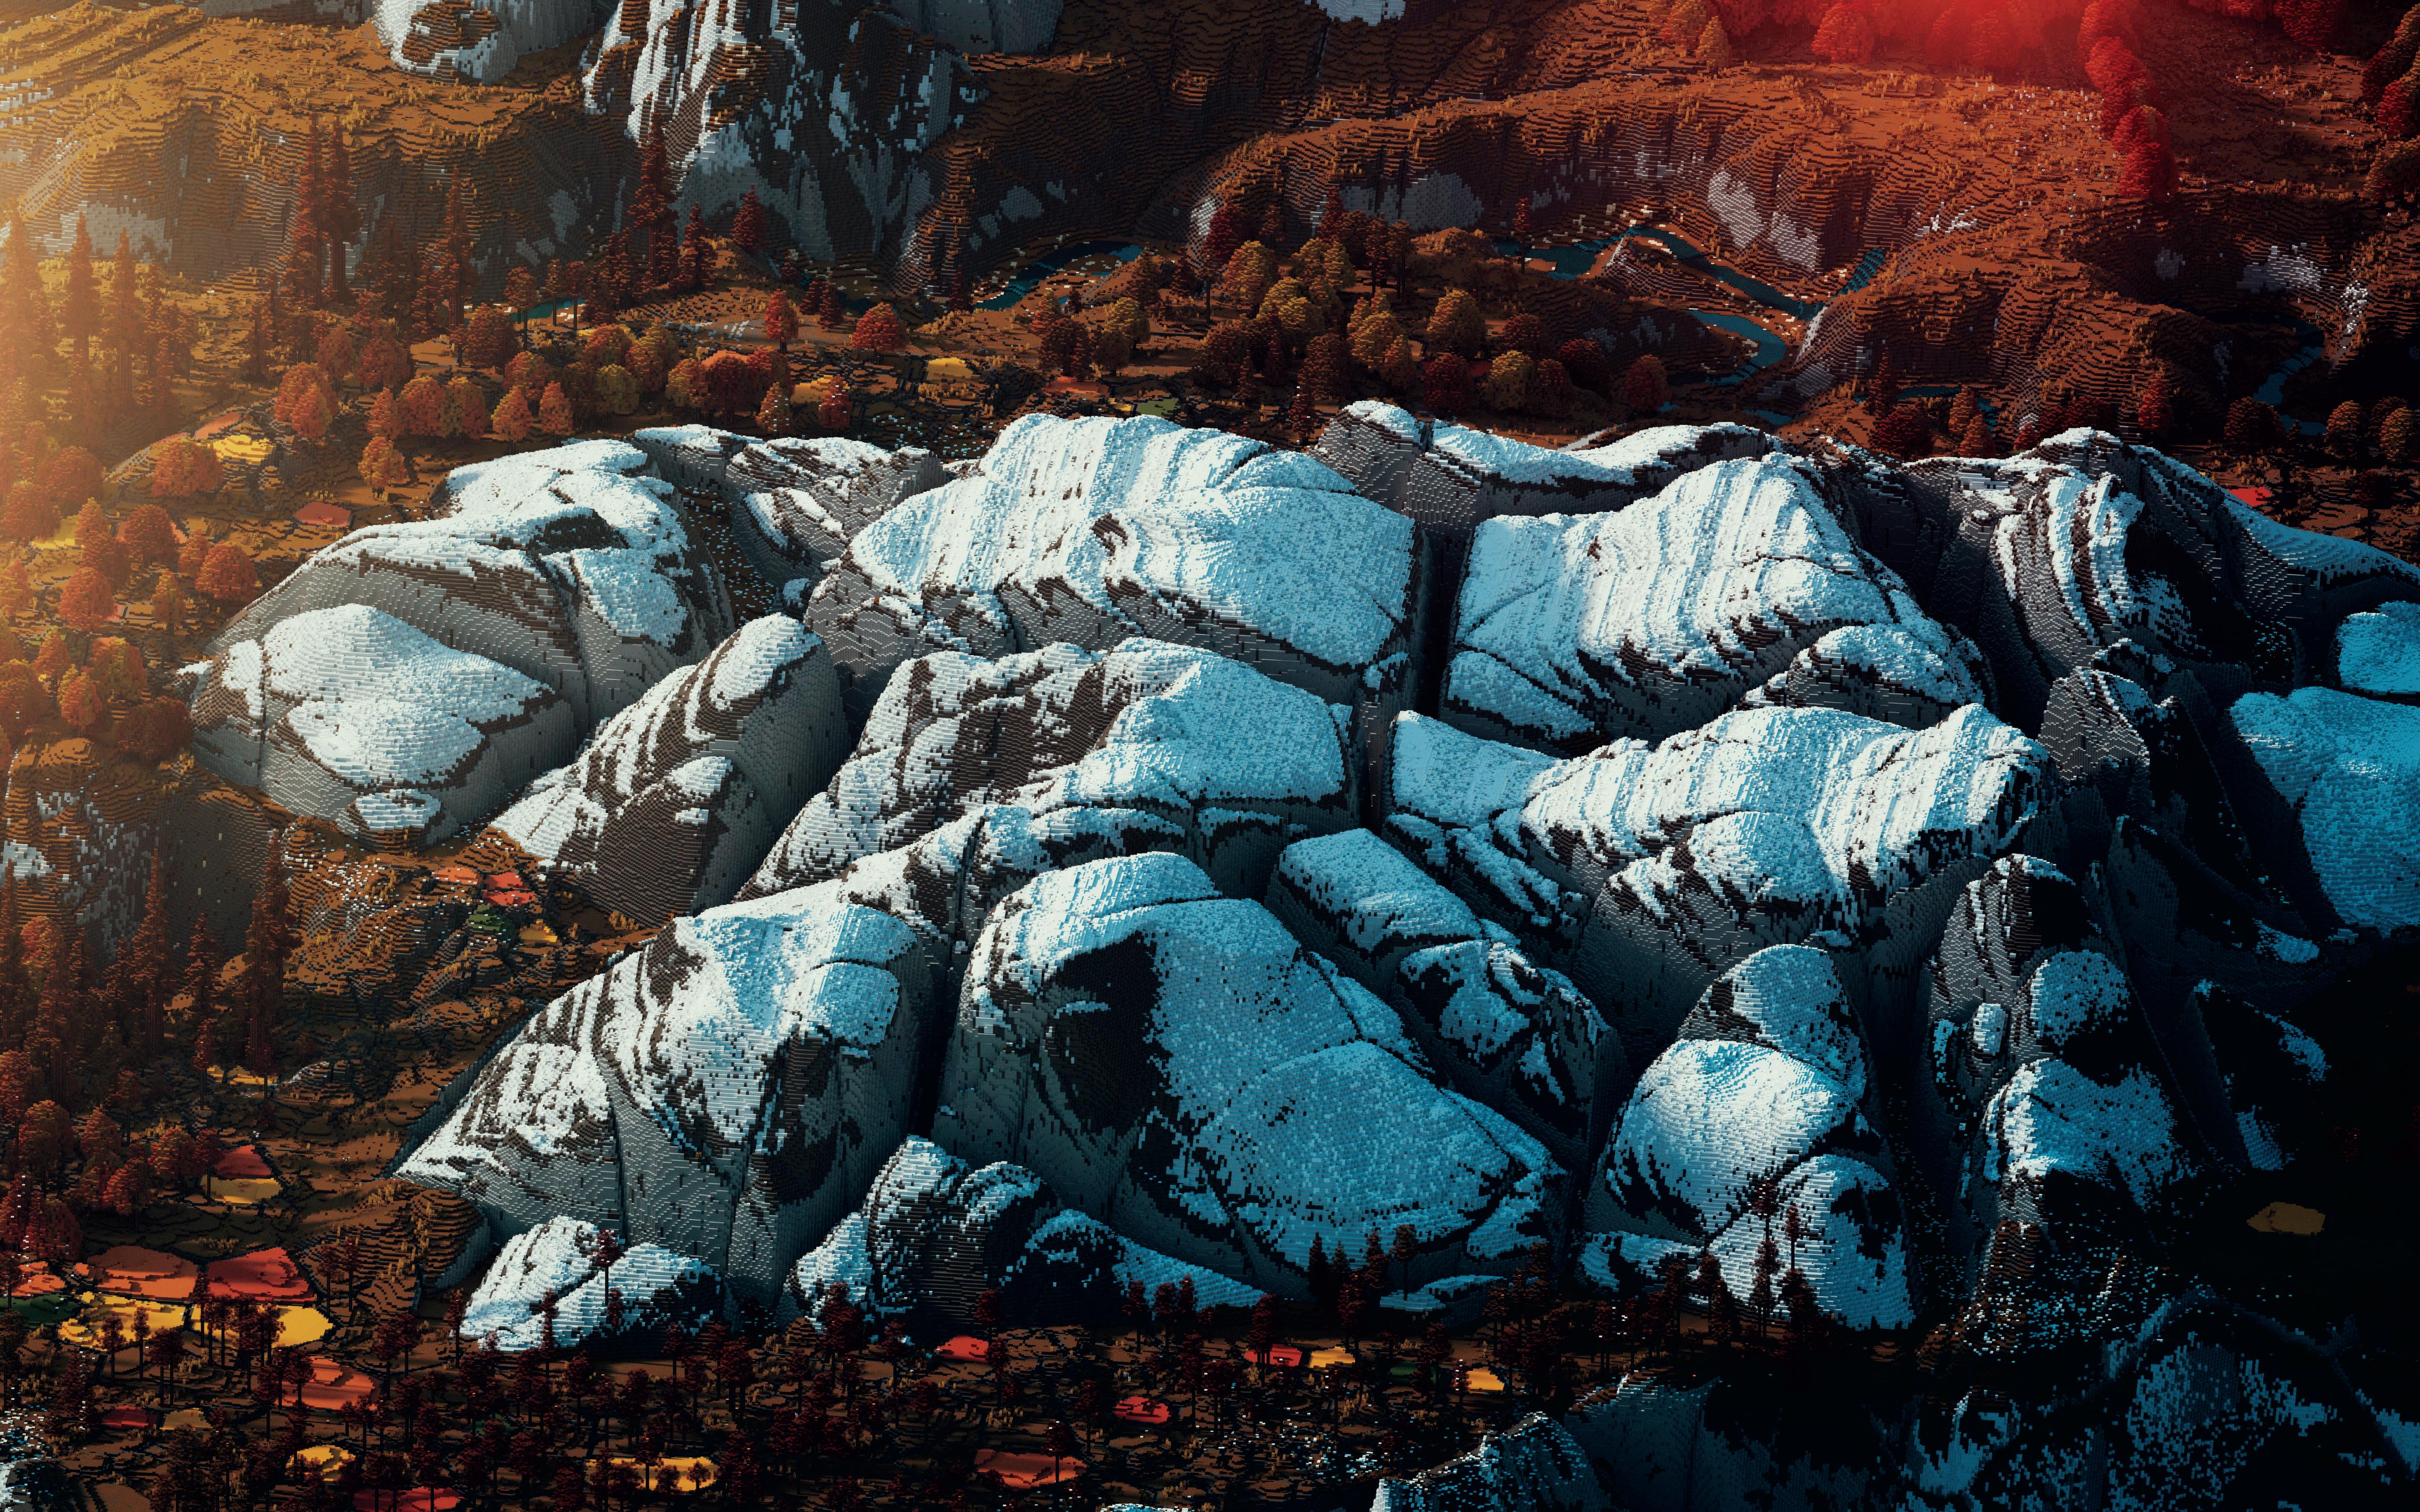 Andrzej Czerniewski's Iaven – Magic of Colors (2014) - one builder. 7 billion blocks. 22 days. Beautiful Minecraft